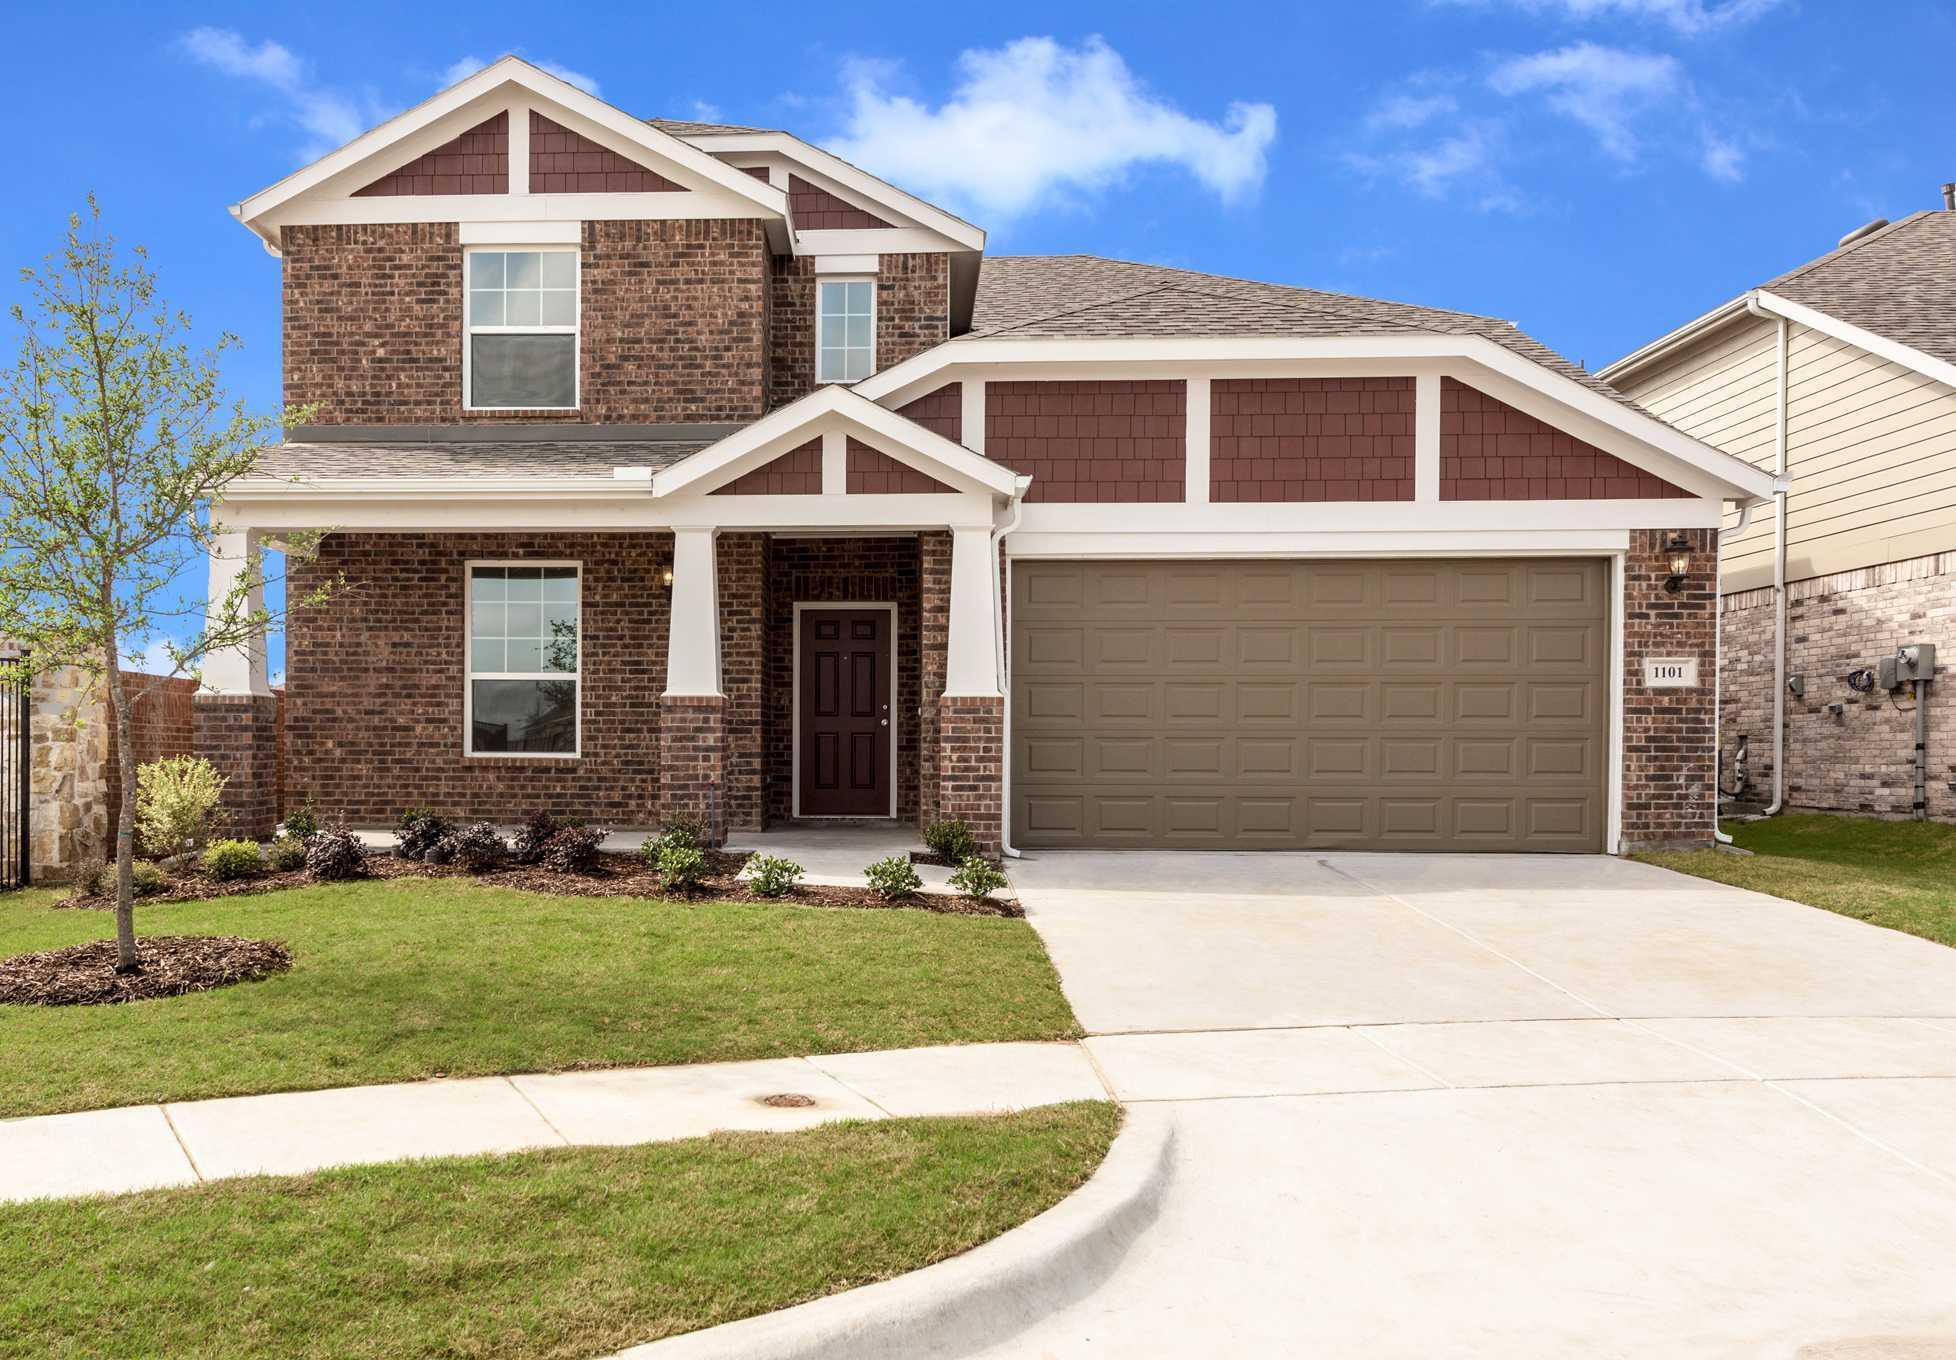 Single Family for Sale at Plan Westbury 1101 Kingston Court Anna, Texas 75409 United States